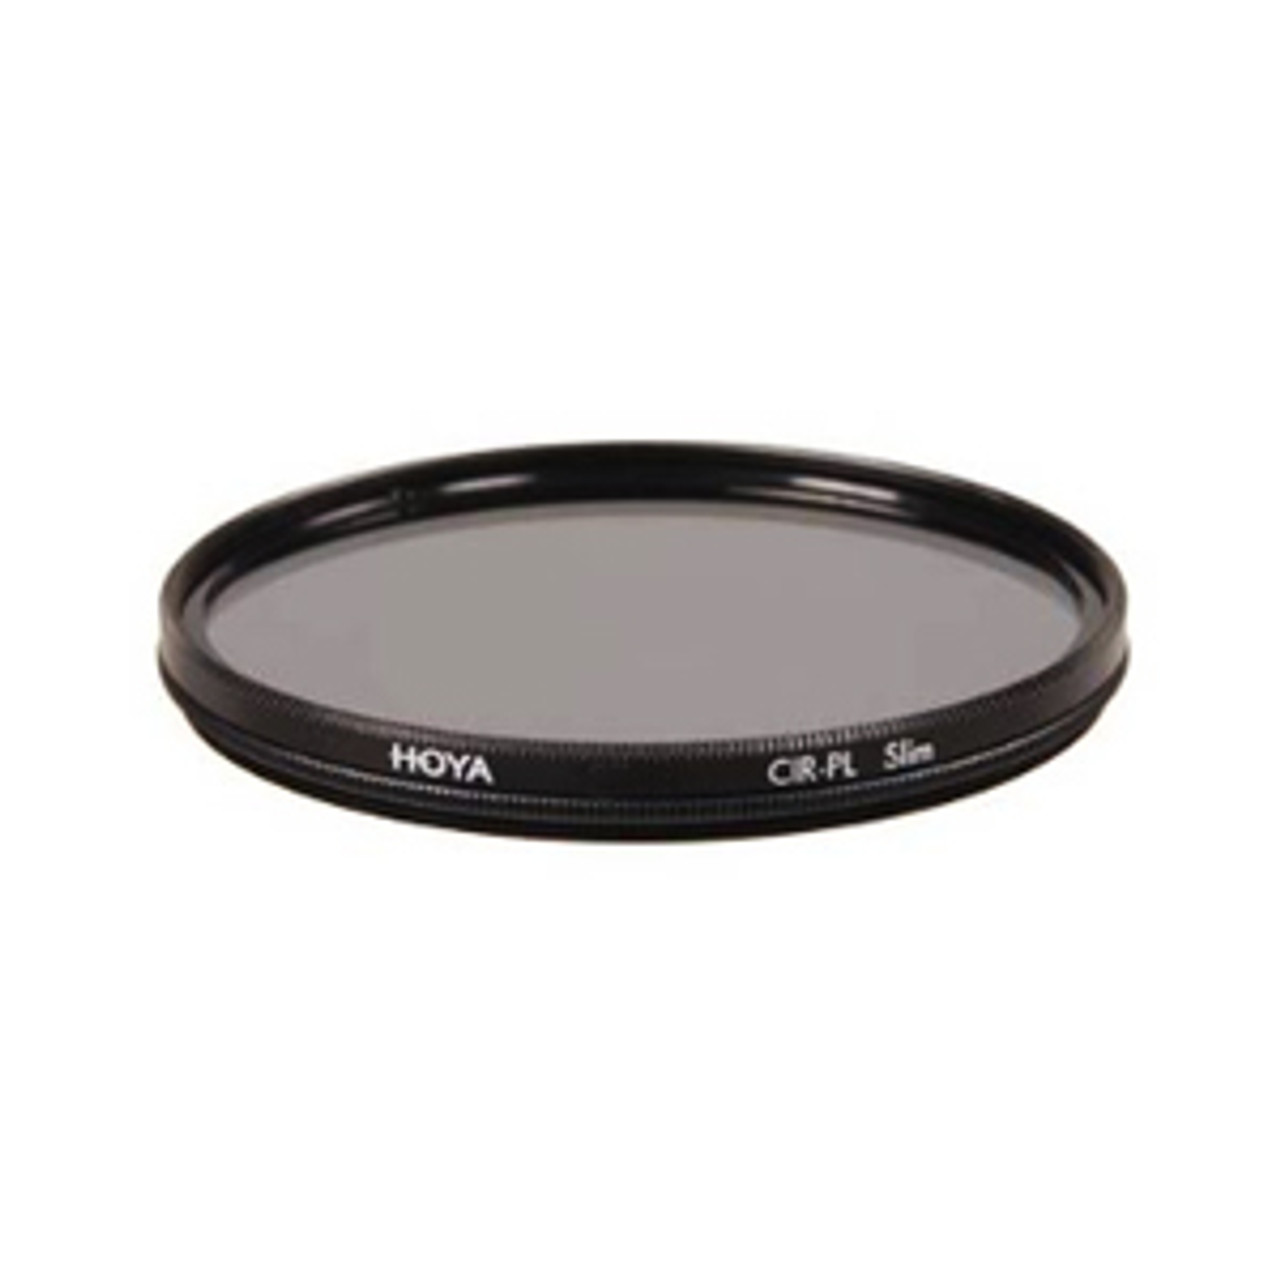 Hoya 40.5mm Circular Polarizing Slim Filter